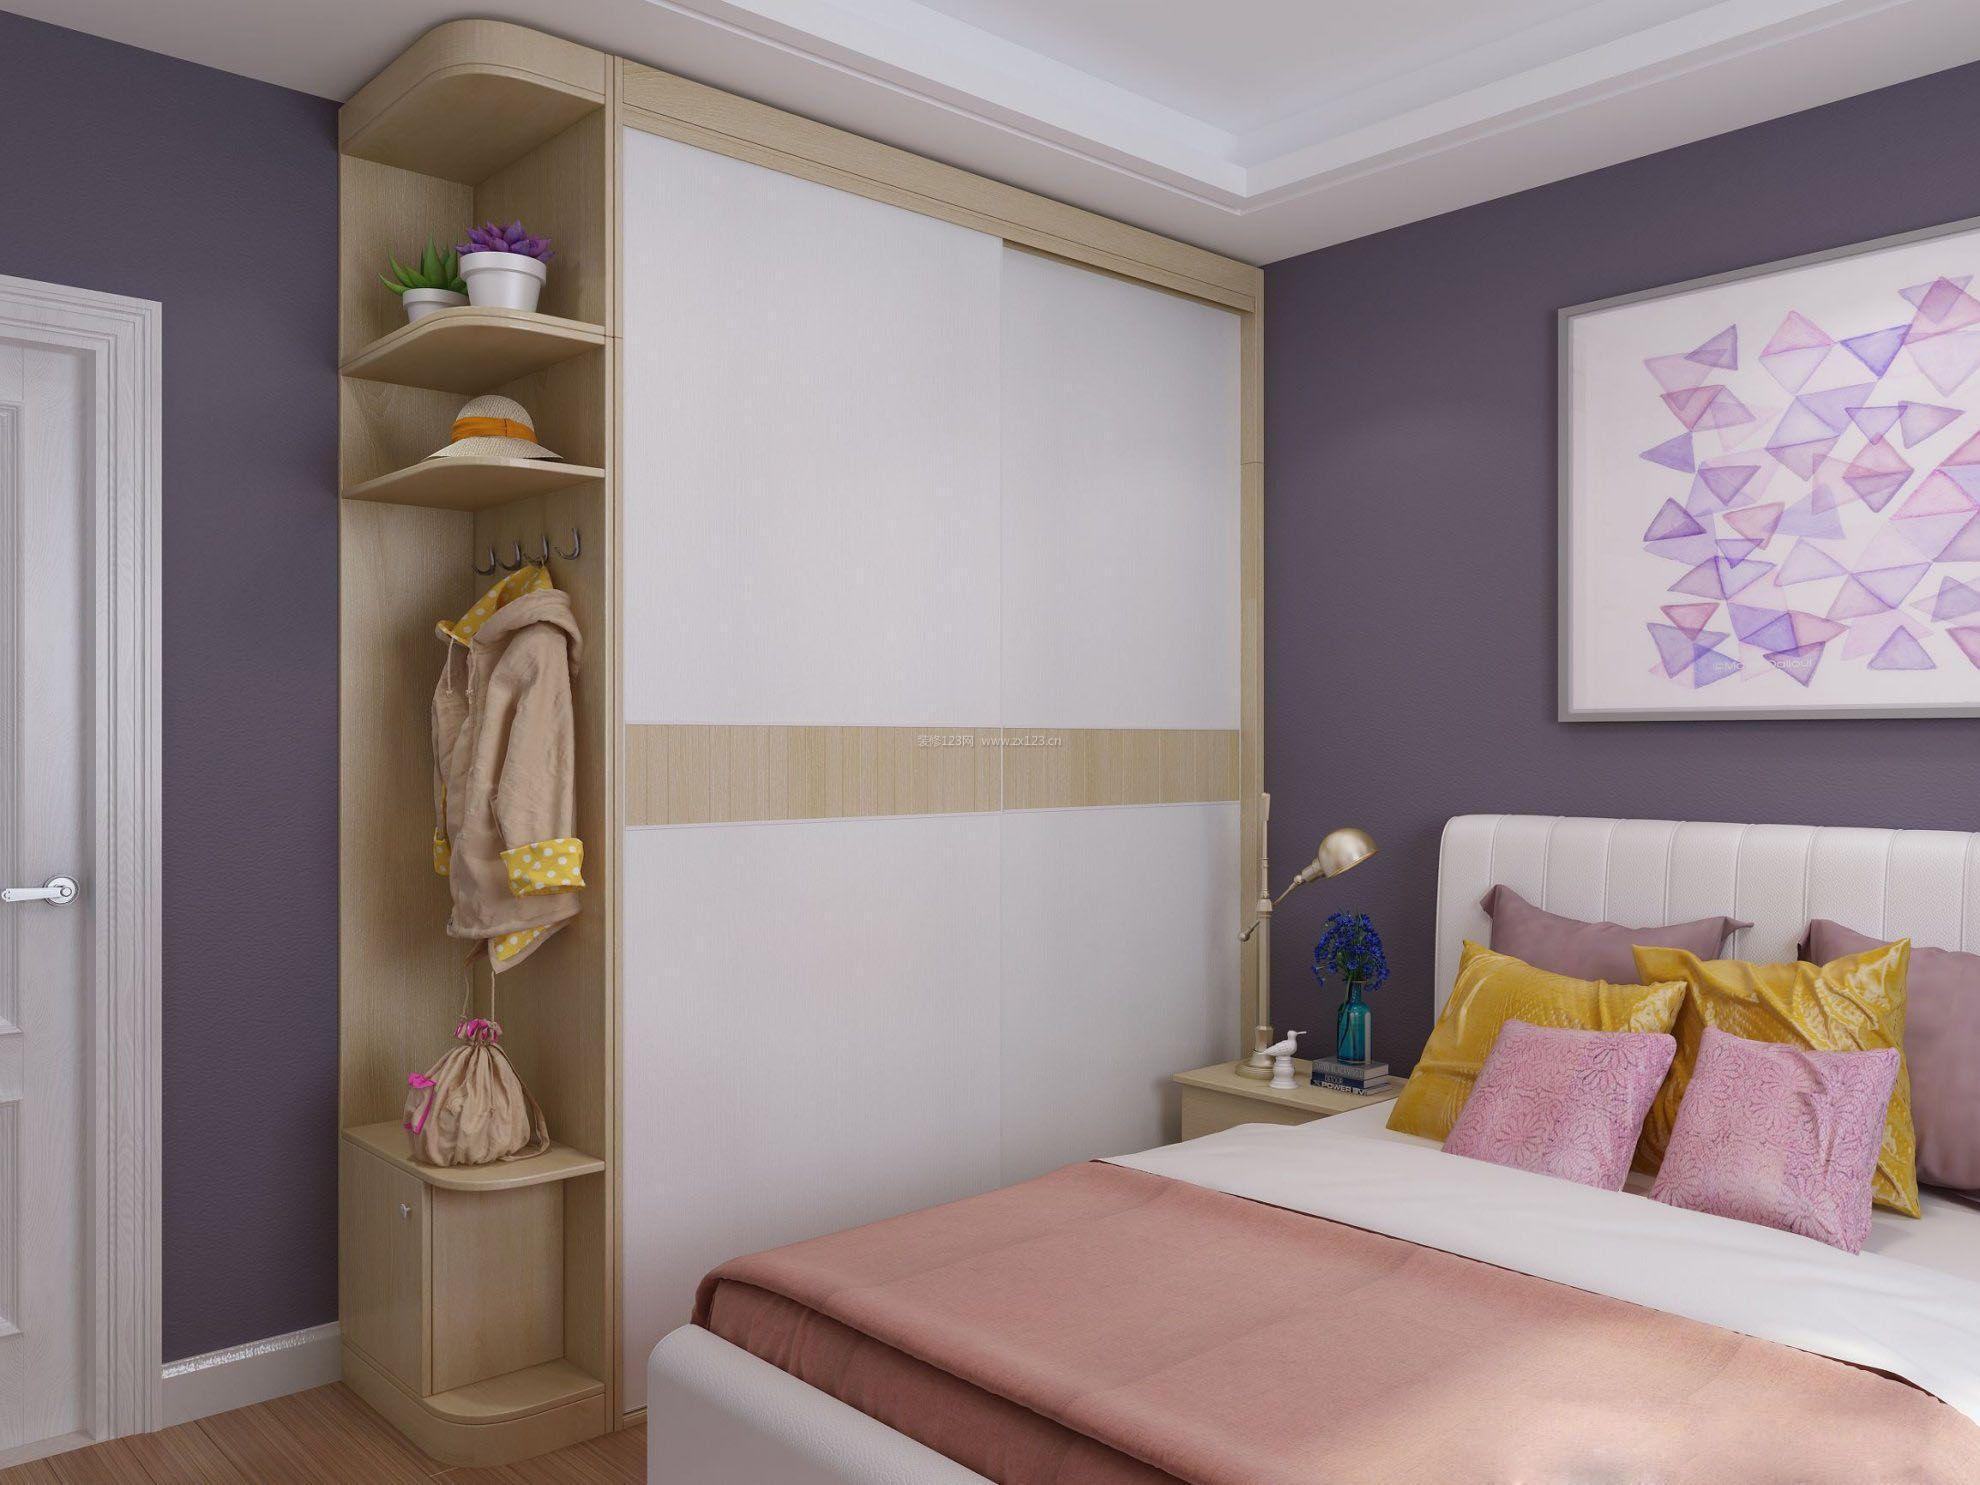 背景墙 房间 家居 起居室 设计 卧室 卧室装修 现代 装修 1980_1485